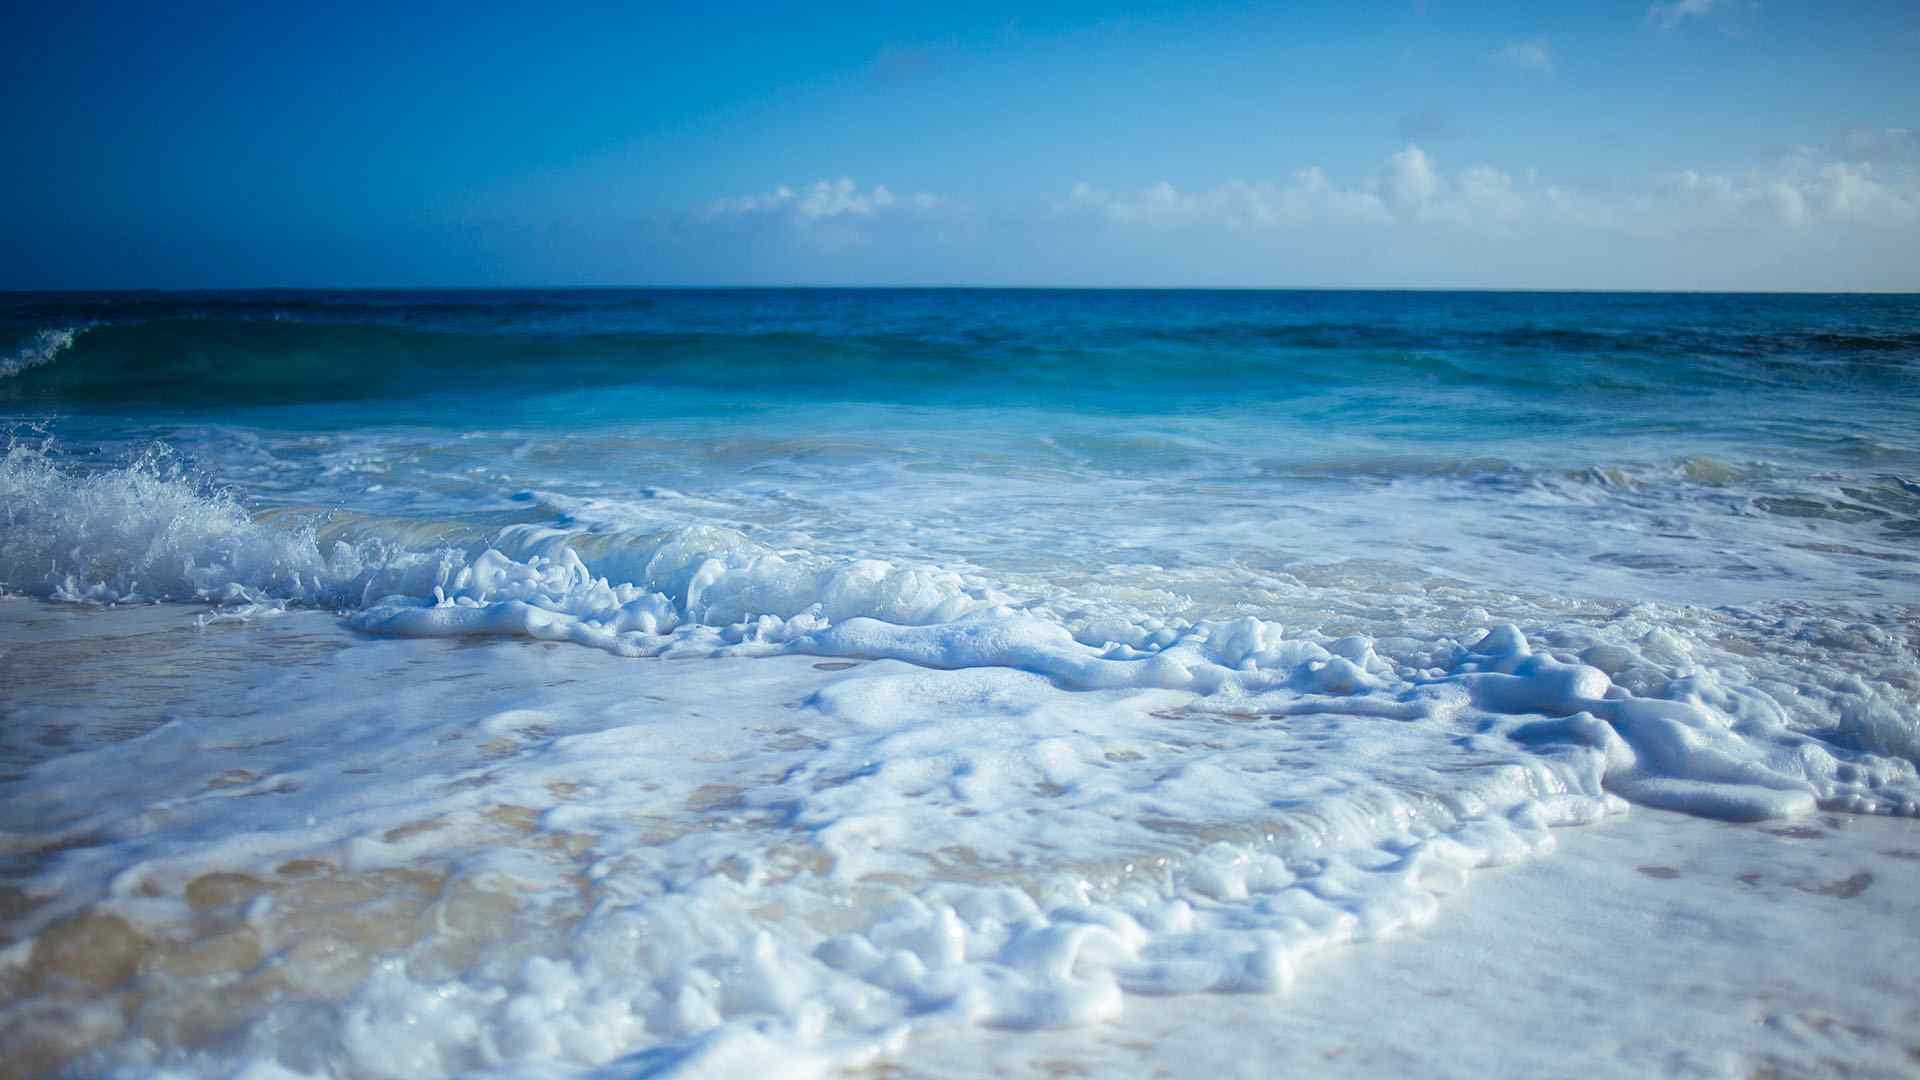 唯美的海洋风景摄影高清壁纸